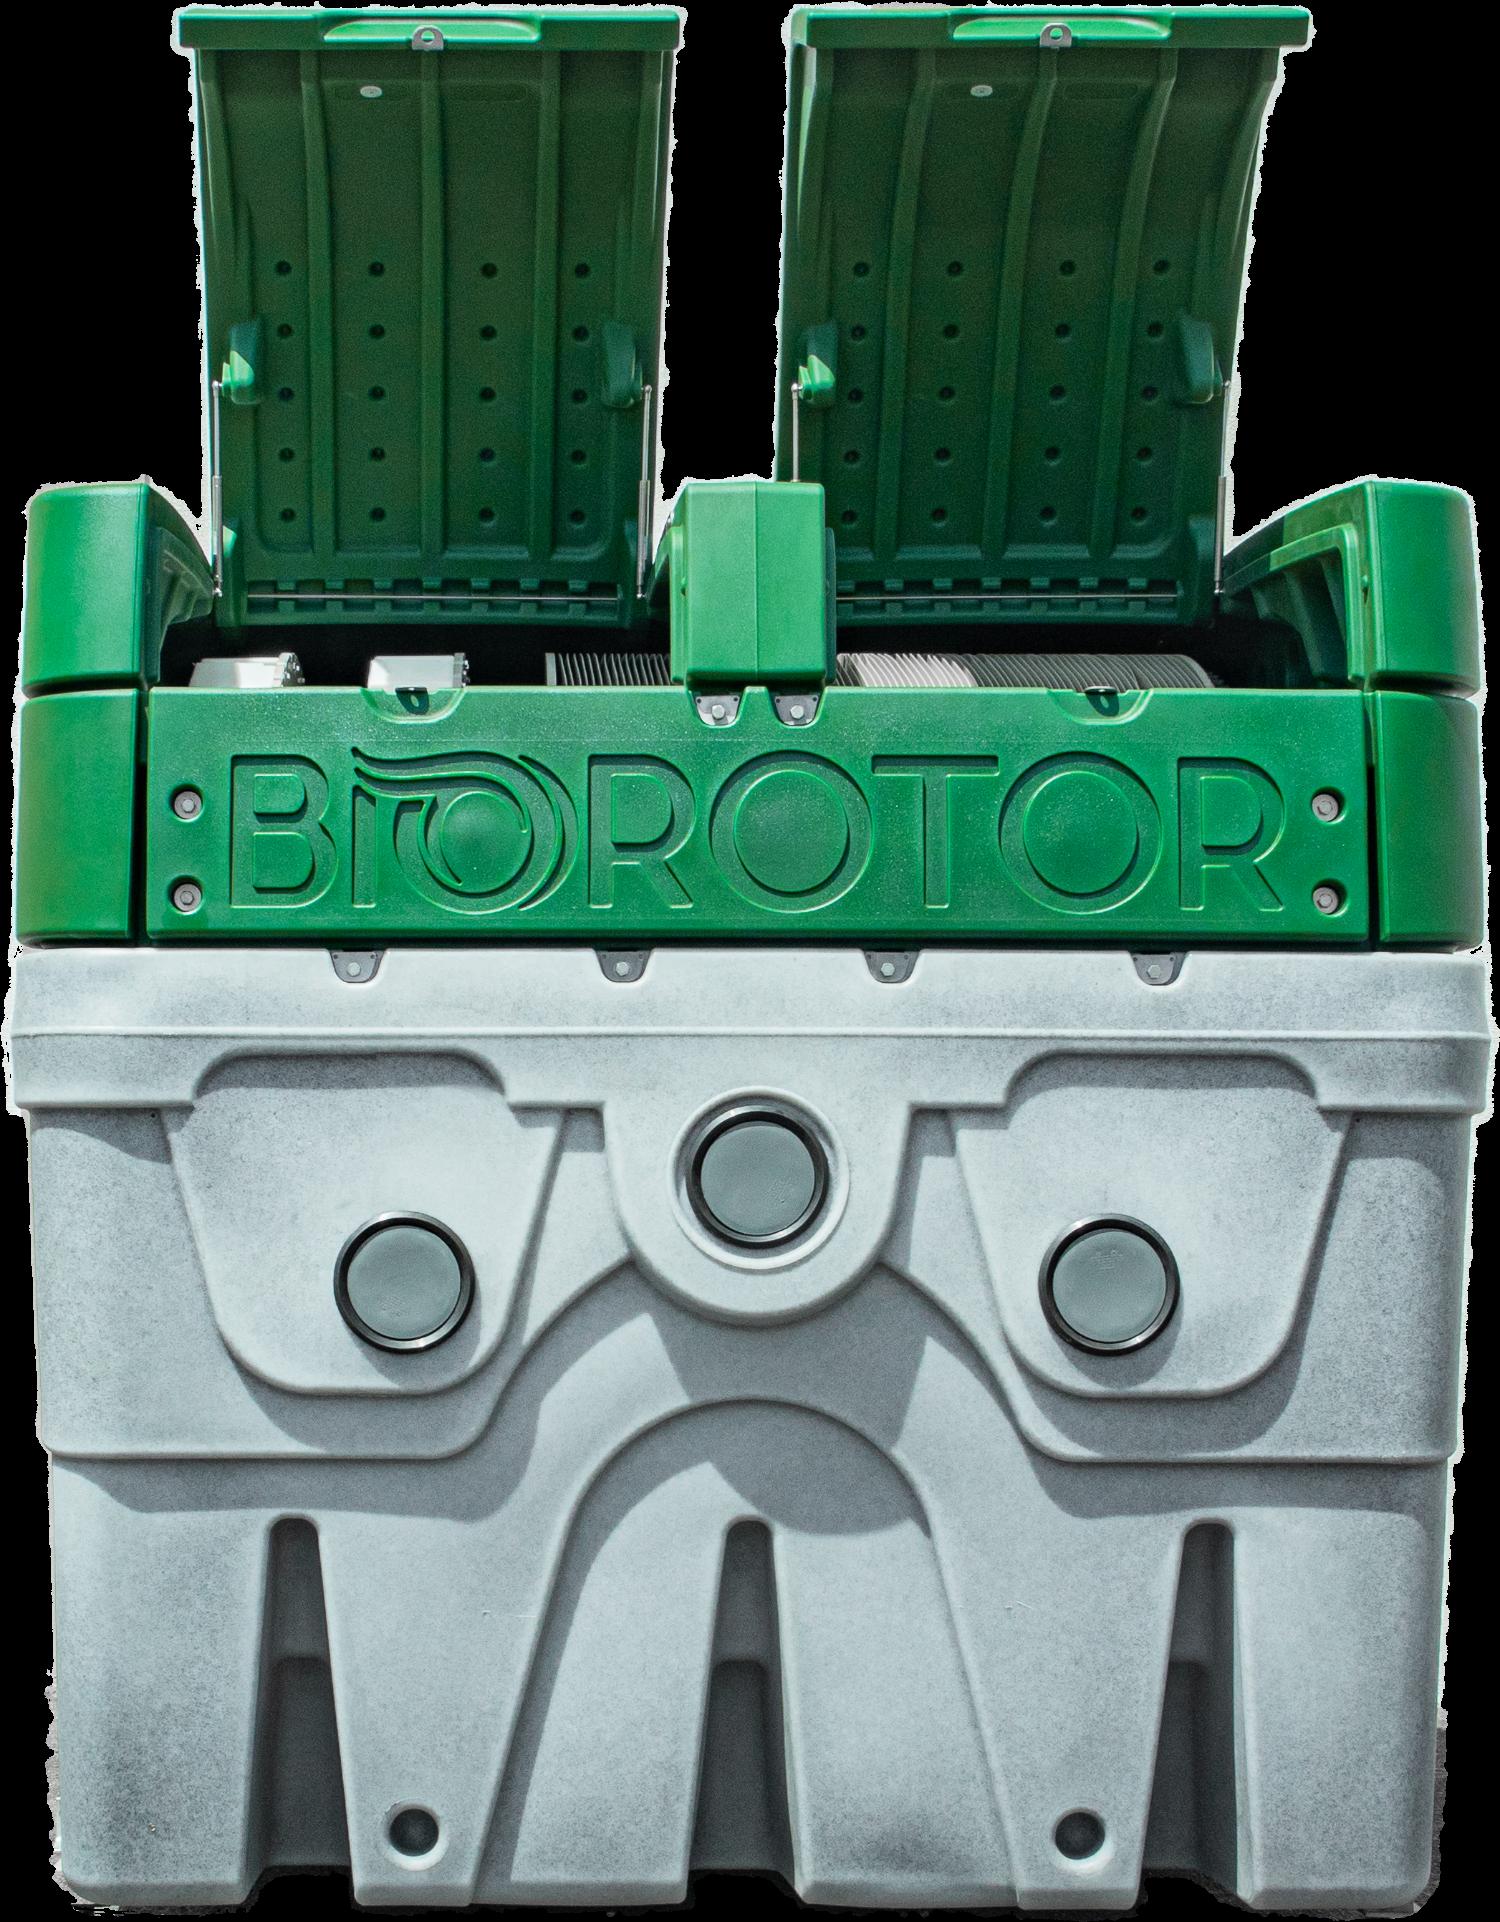 BIOROTOR - biodisque